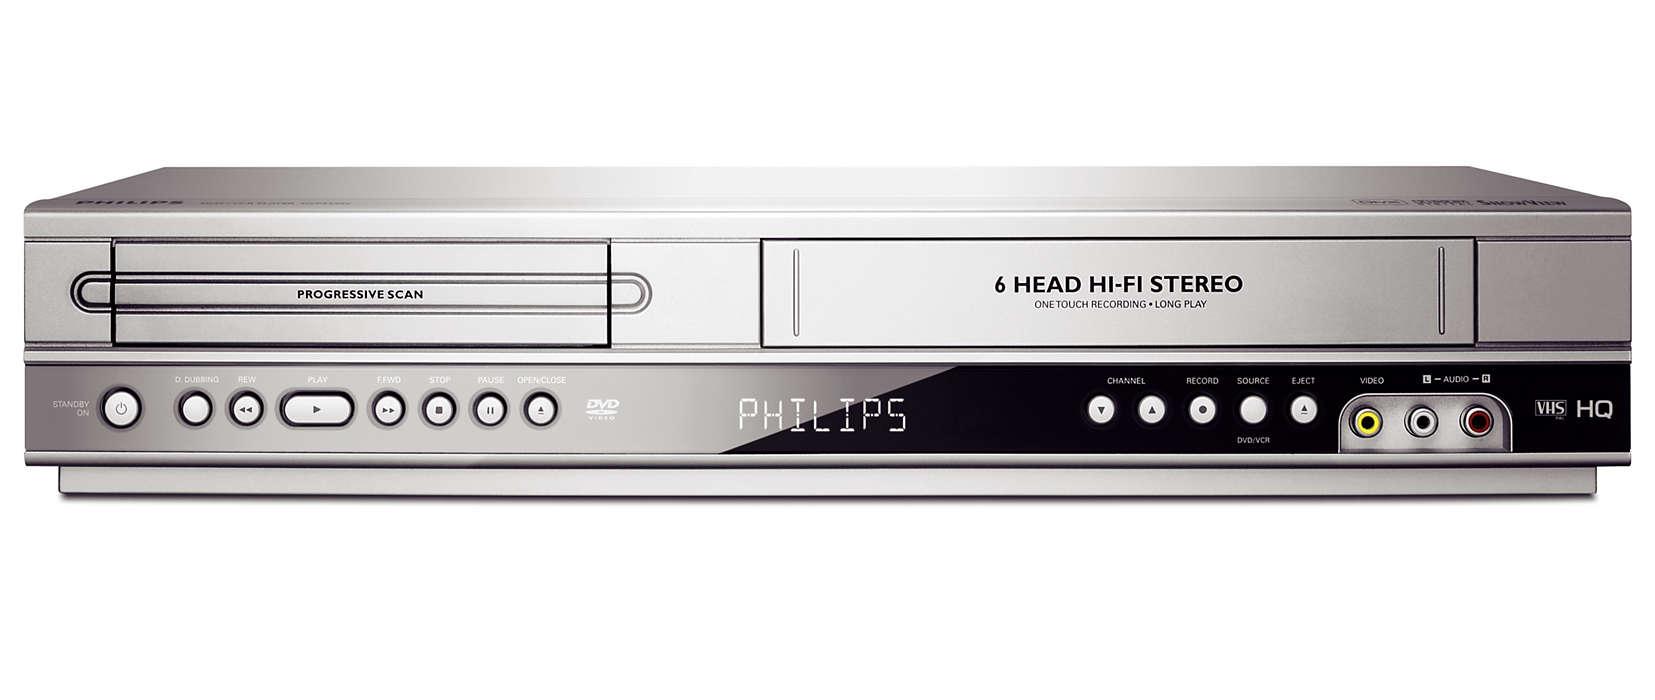 Για αναπαραγωγή DVD και ταινιών VHS